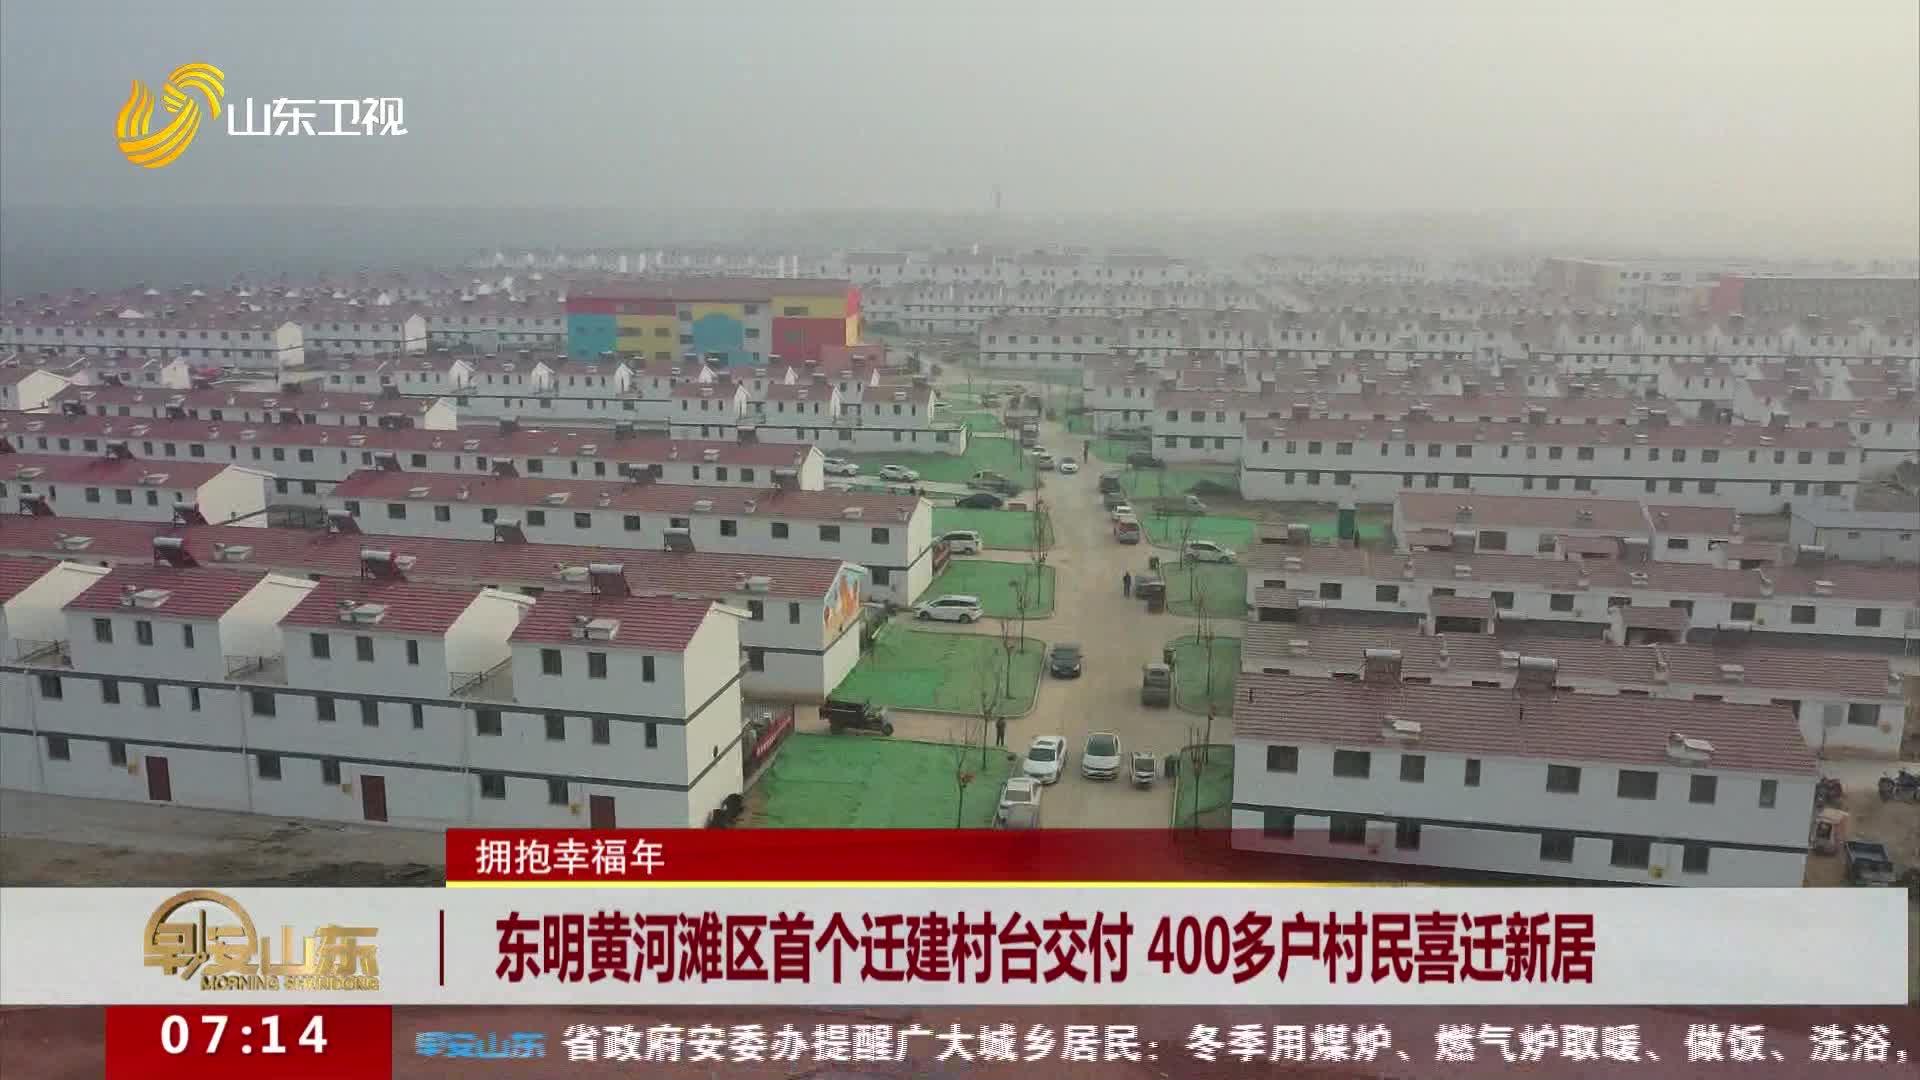 【拥抱幸福年】东明黄河滩区首个迁建村台交付 400多户村民喜迁新居